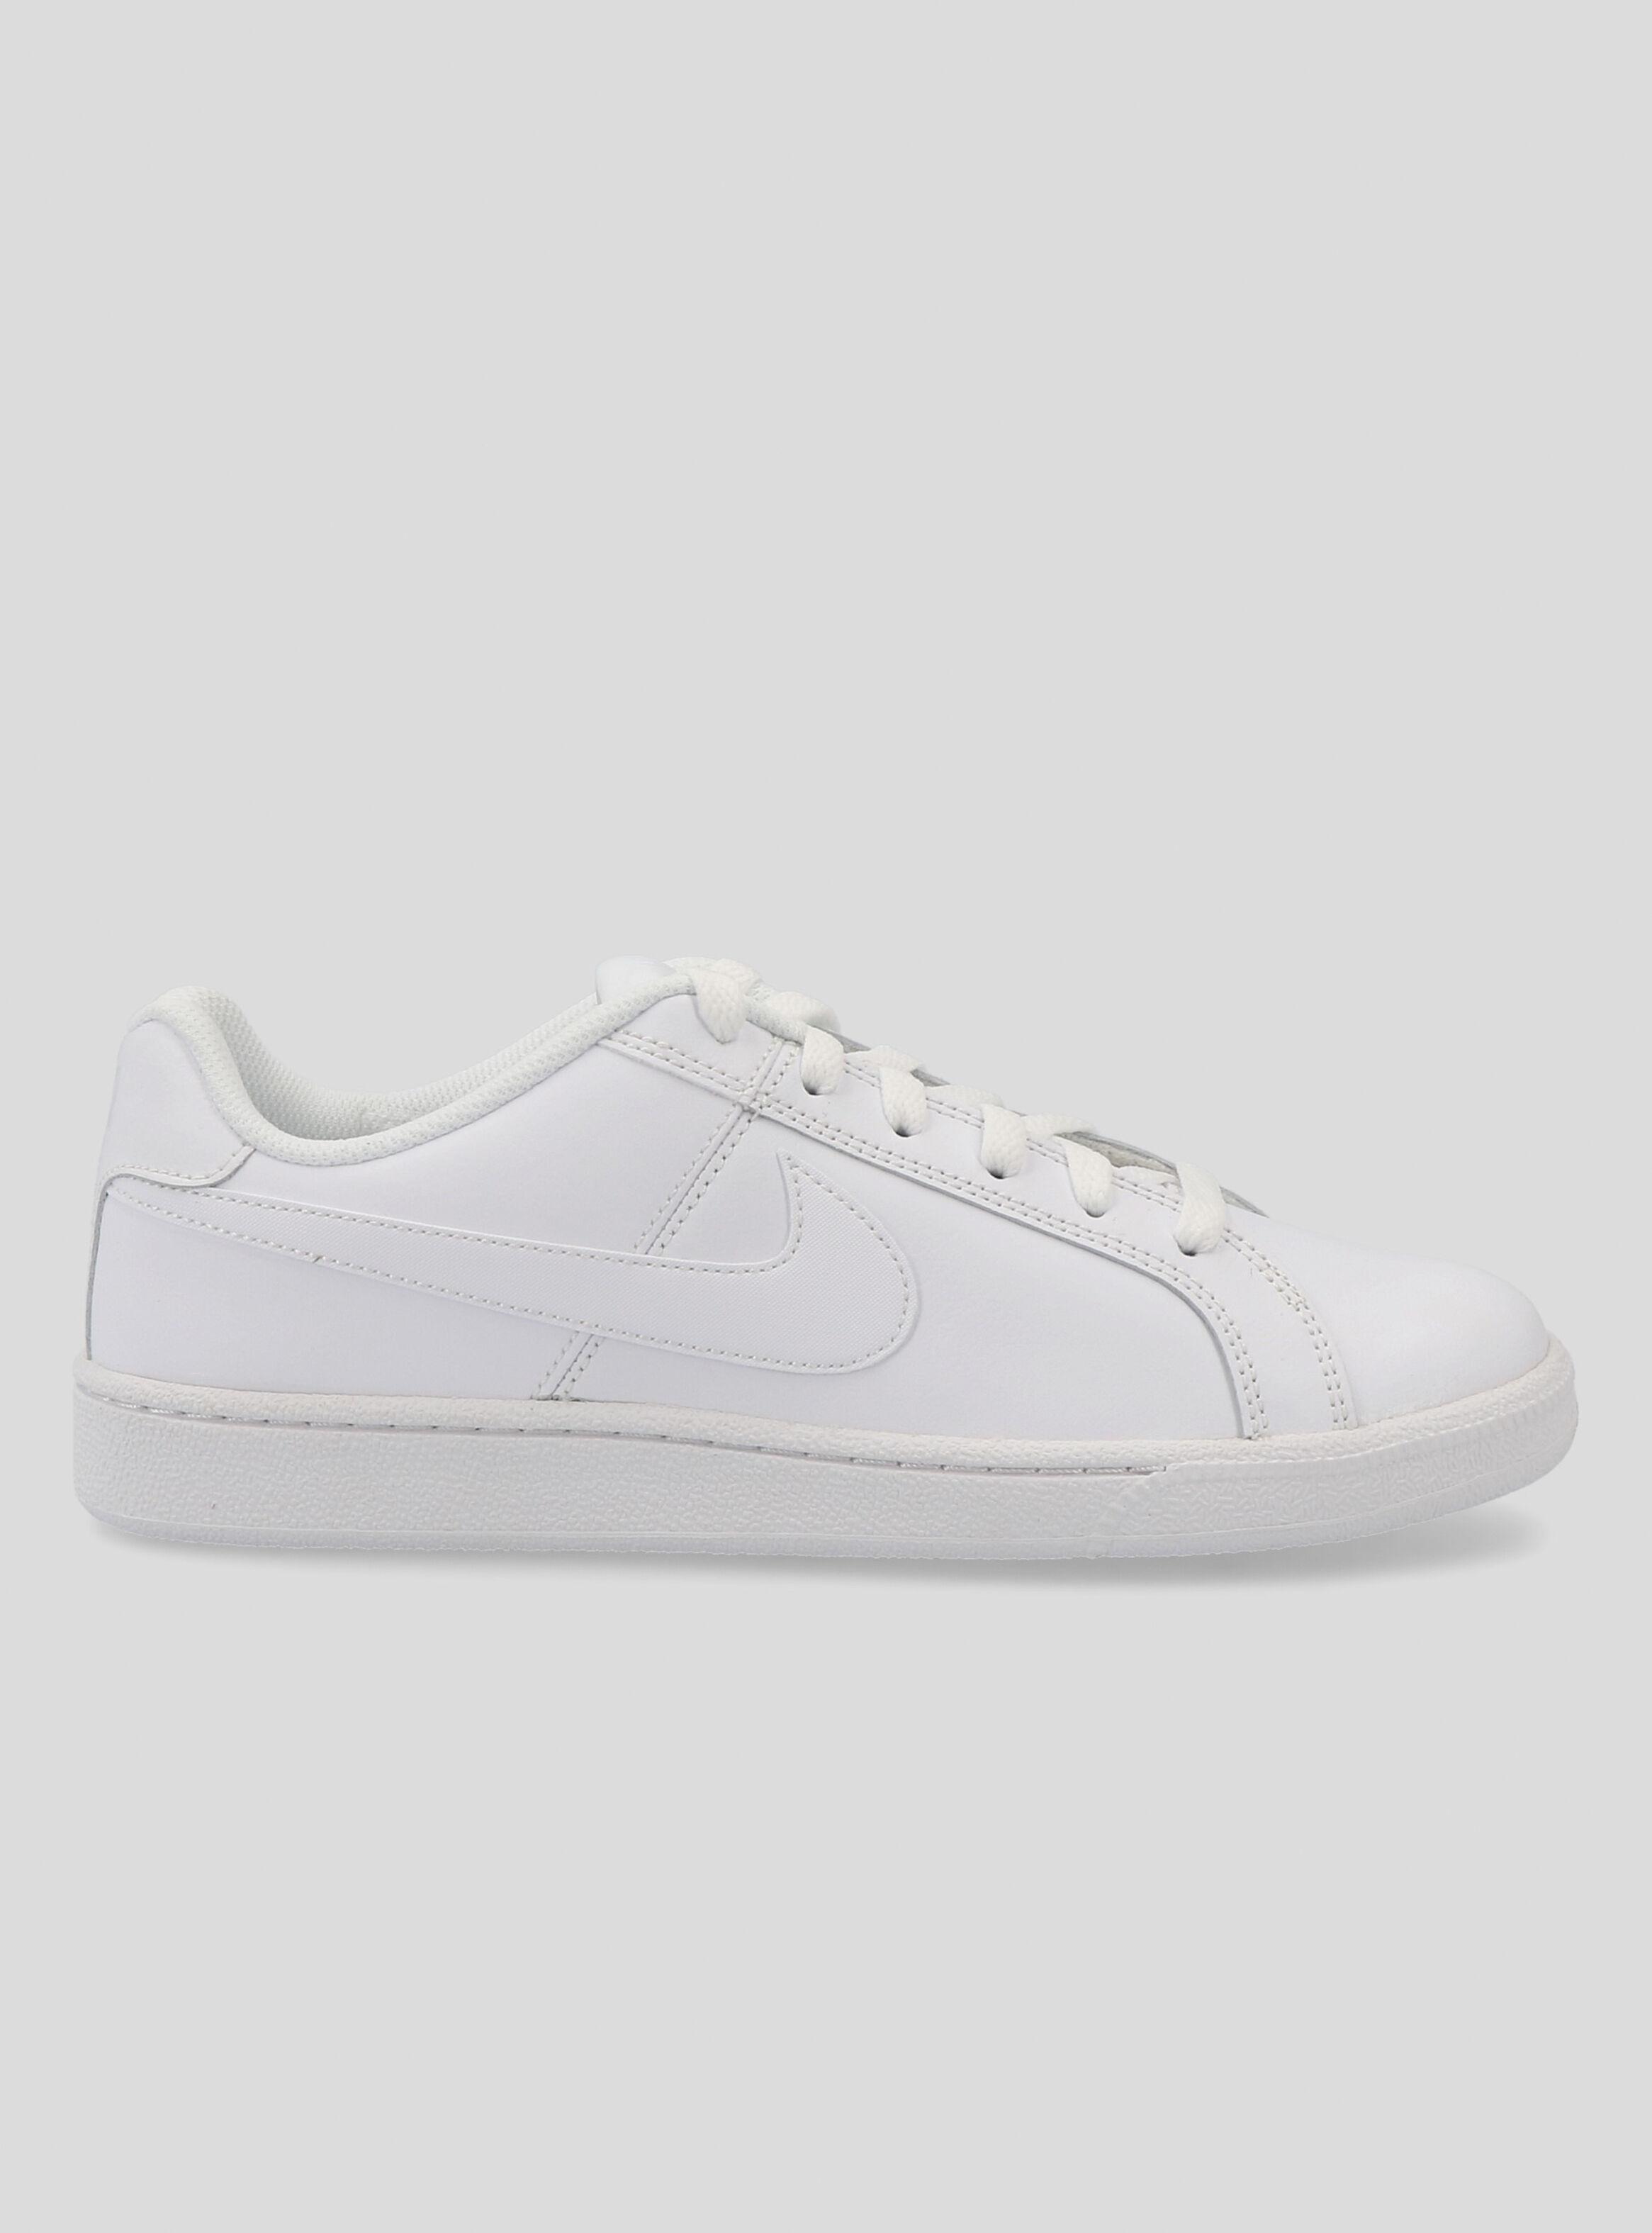 Zapatillas Tenis Nike Oferta Nike Court Royale Niña Negras